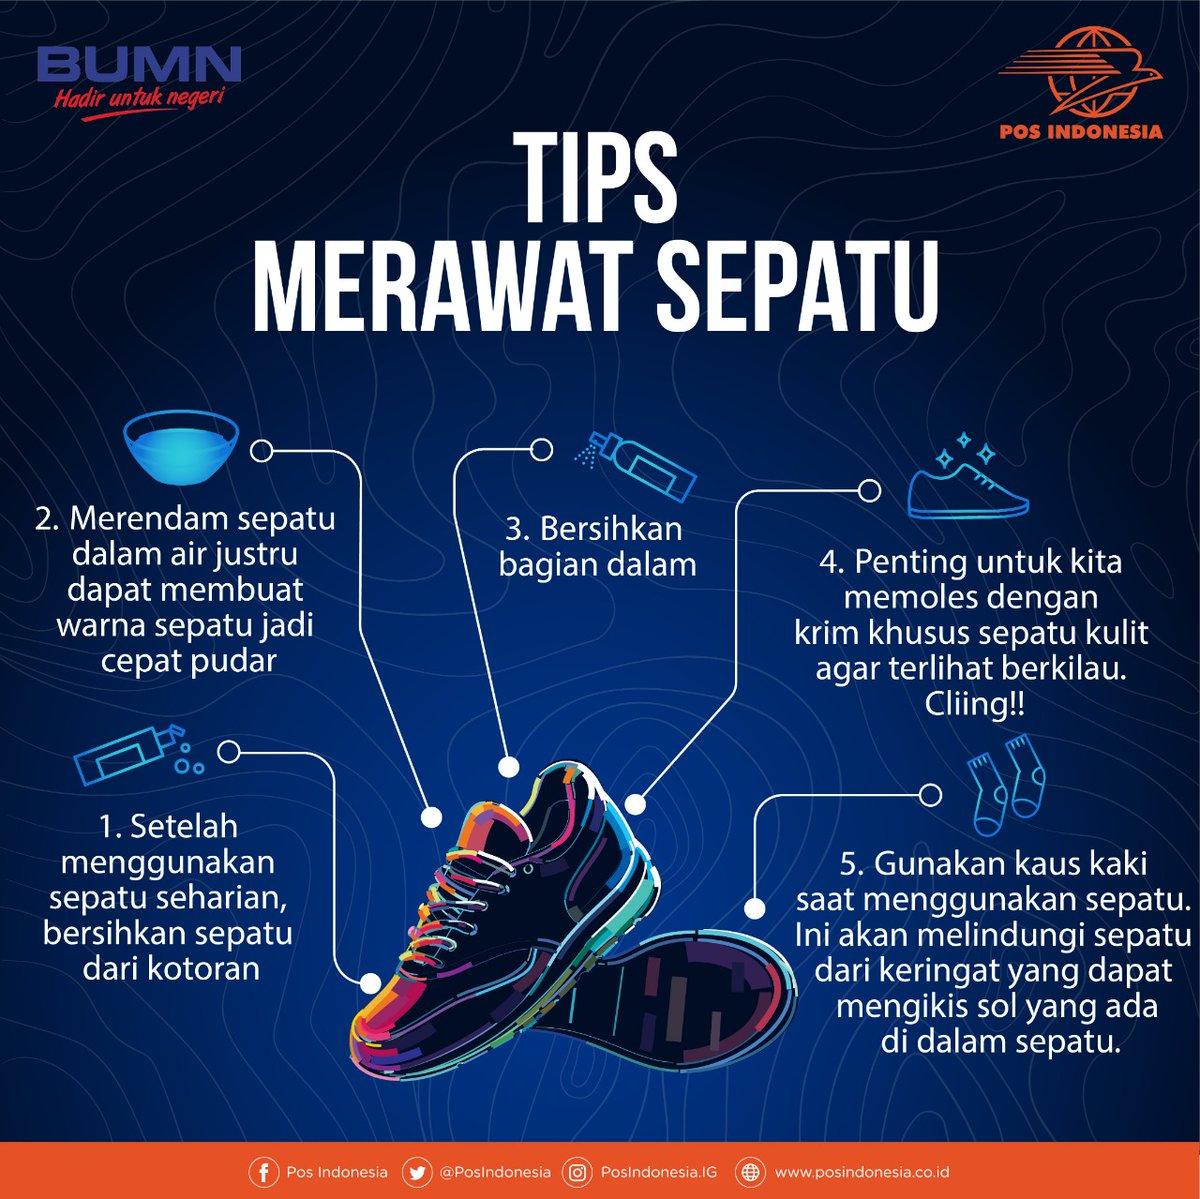 Pos Indonesia On Twitter Minggu Pagi Waktunya Mempersiapkan Semua Yang Dibutuhkan Untuk Senin Termasuk Sepatu Kamu Ga Mau Kan Sepatu Yang Dipakai Kucel Dan Ga Enak Dipandang Nah Minpos Mau Kasih Tips